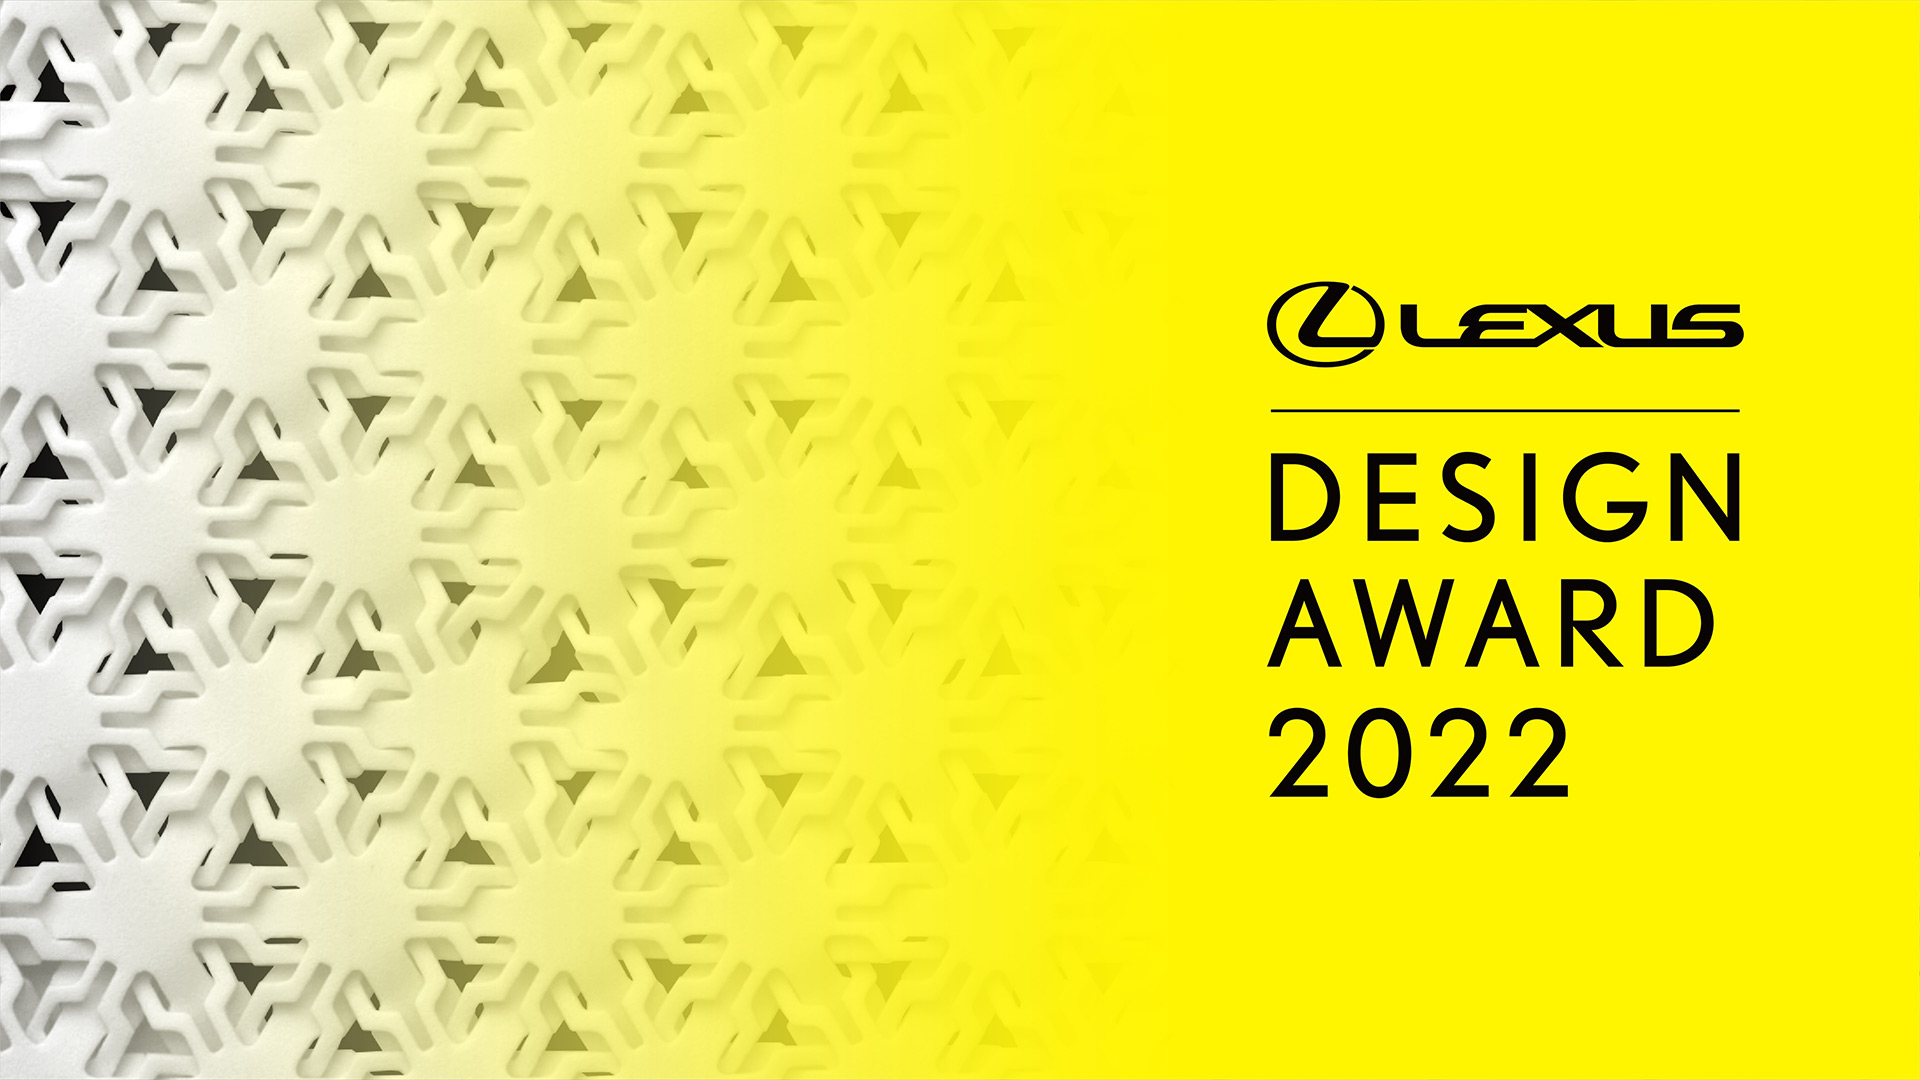 2022 Tasarım Ödülleri Başvuruları